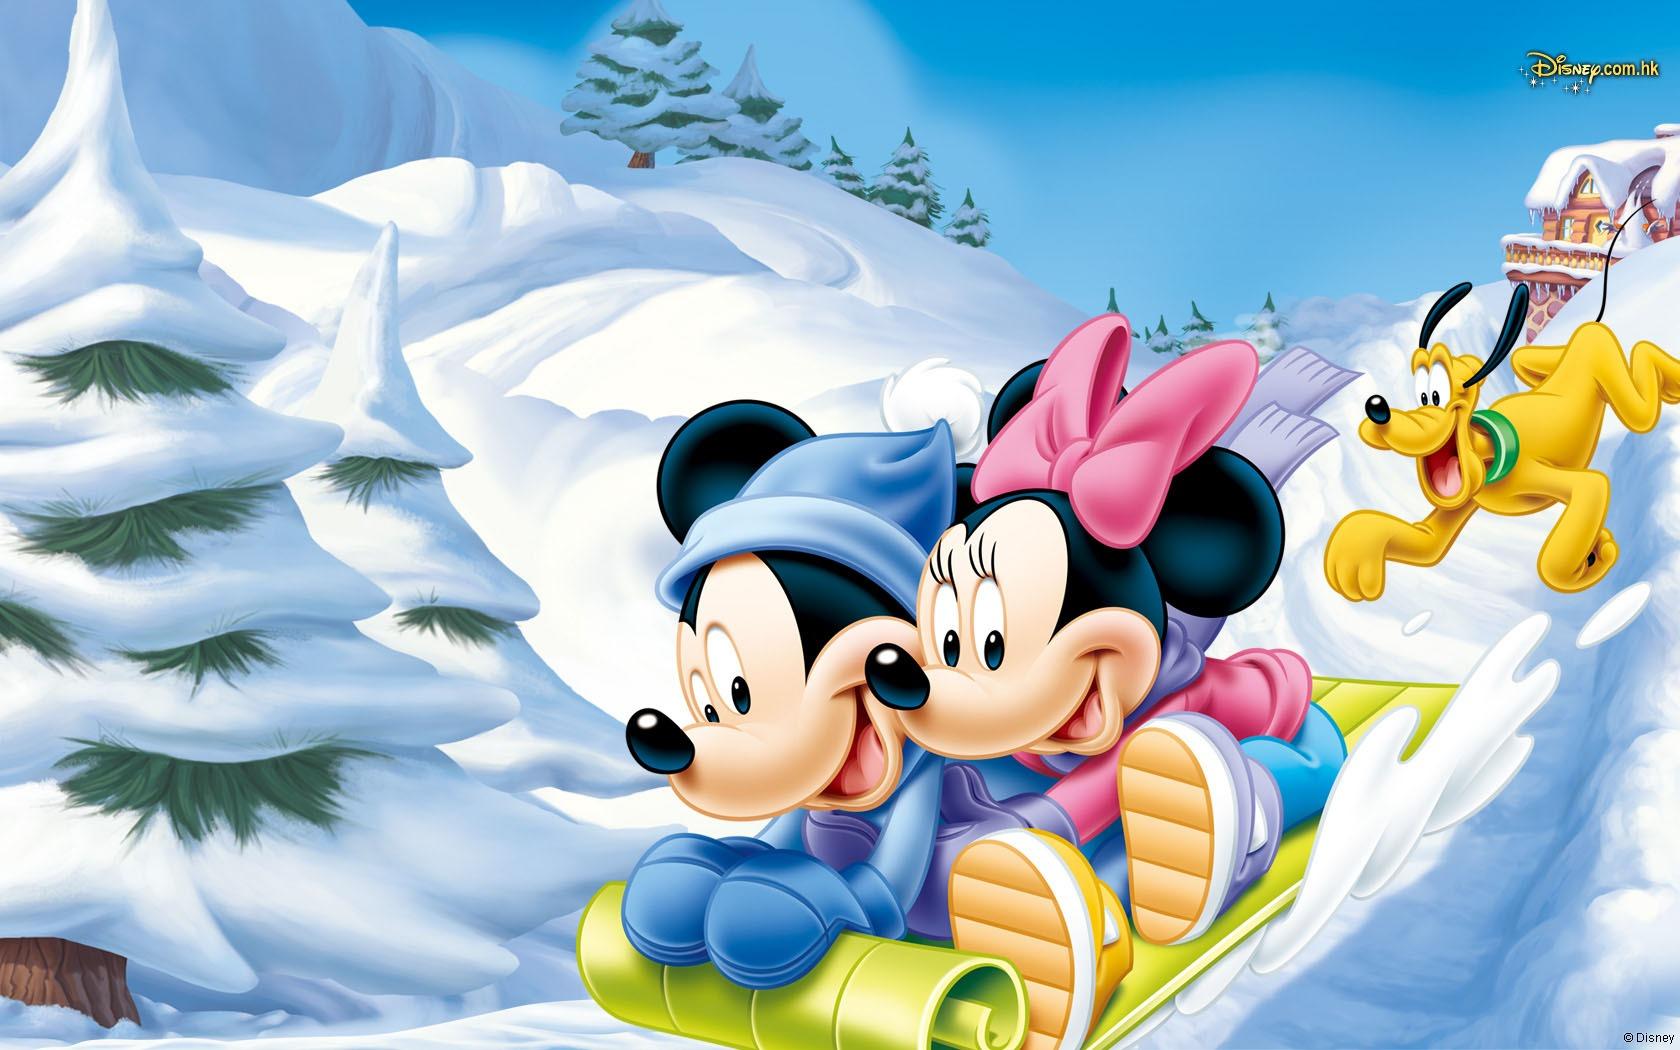 Disney-HD-Cartoon-wallpaper-wp3604840